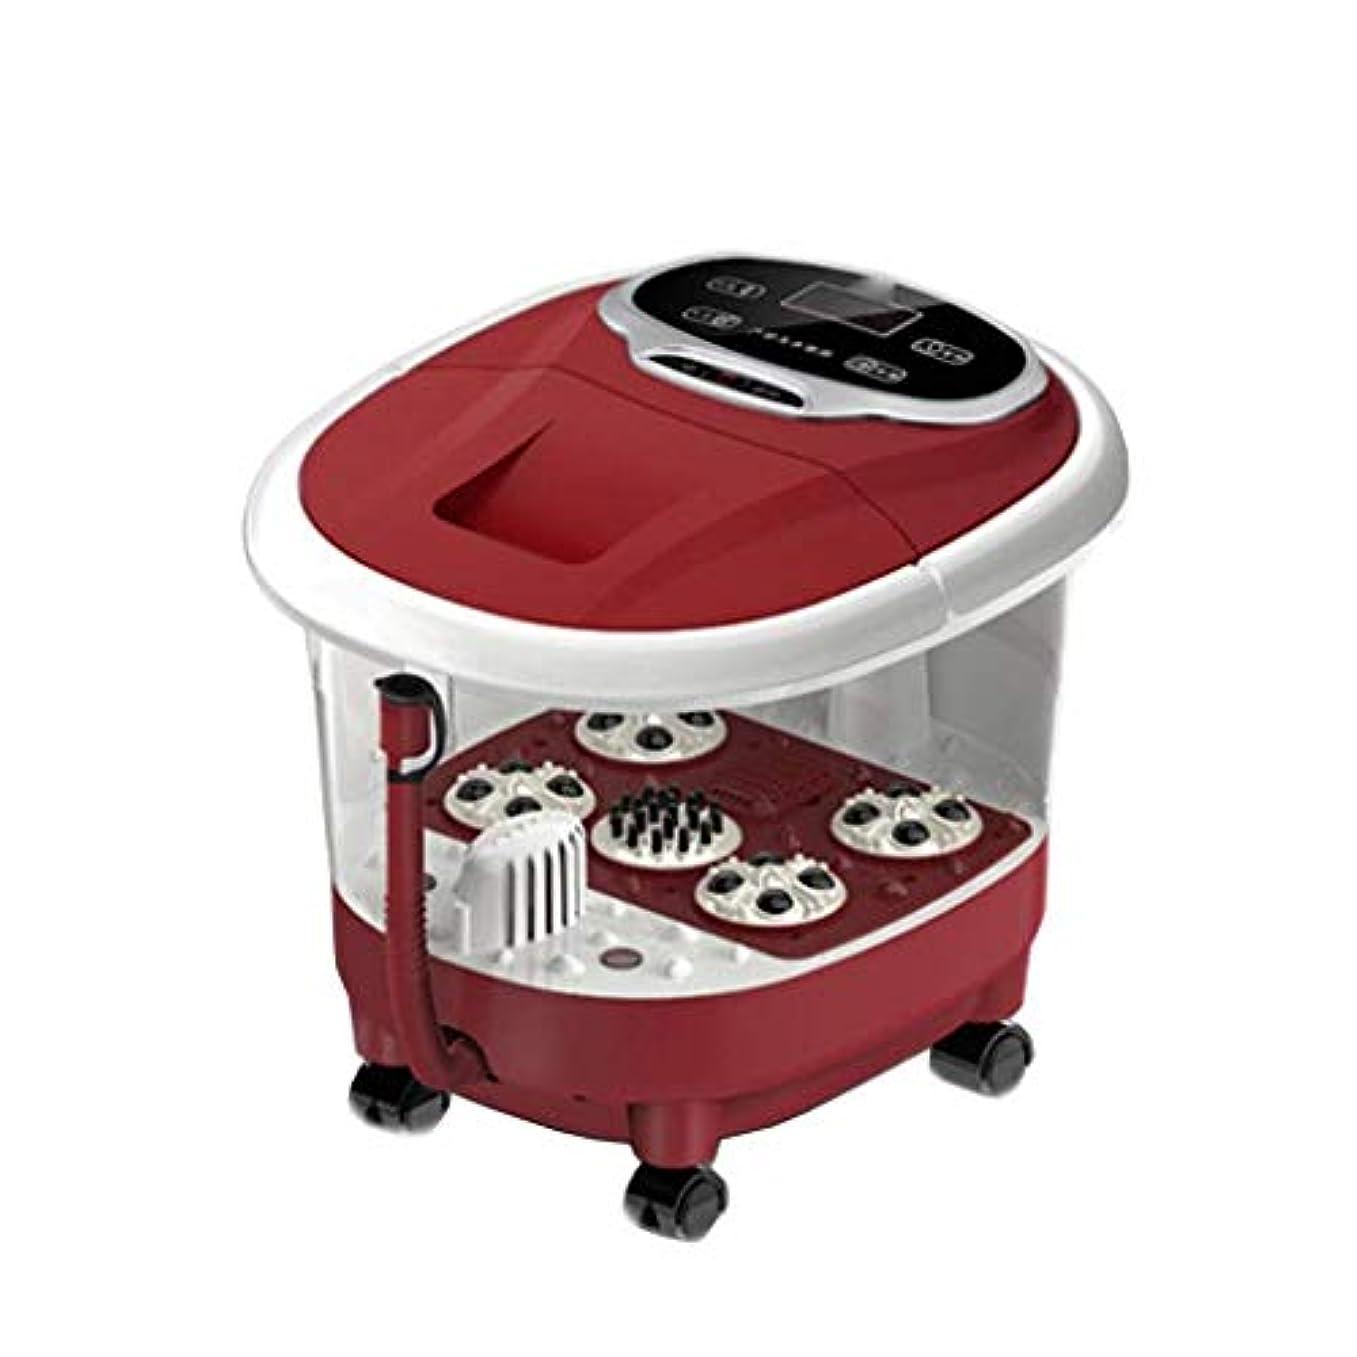 絶望的なキッチンアーカイブプロフェッショナルフットスパマッサージ、磁場療法 フットケア用 熱とマッサージとジェット調節可能な時間温度